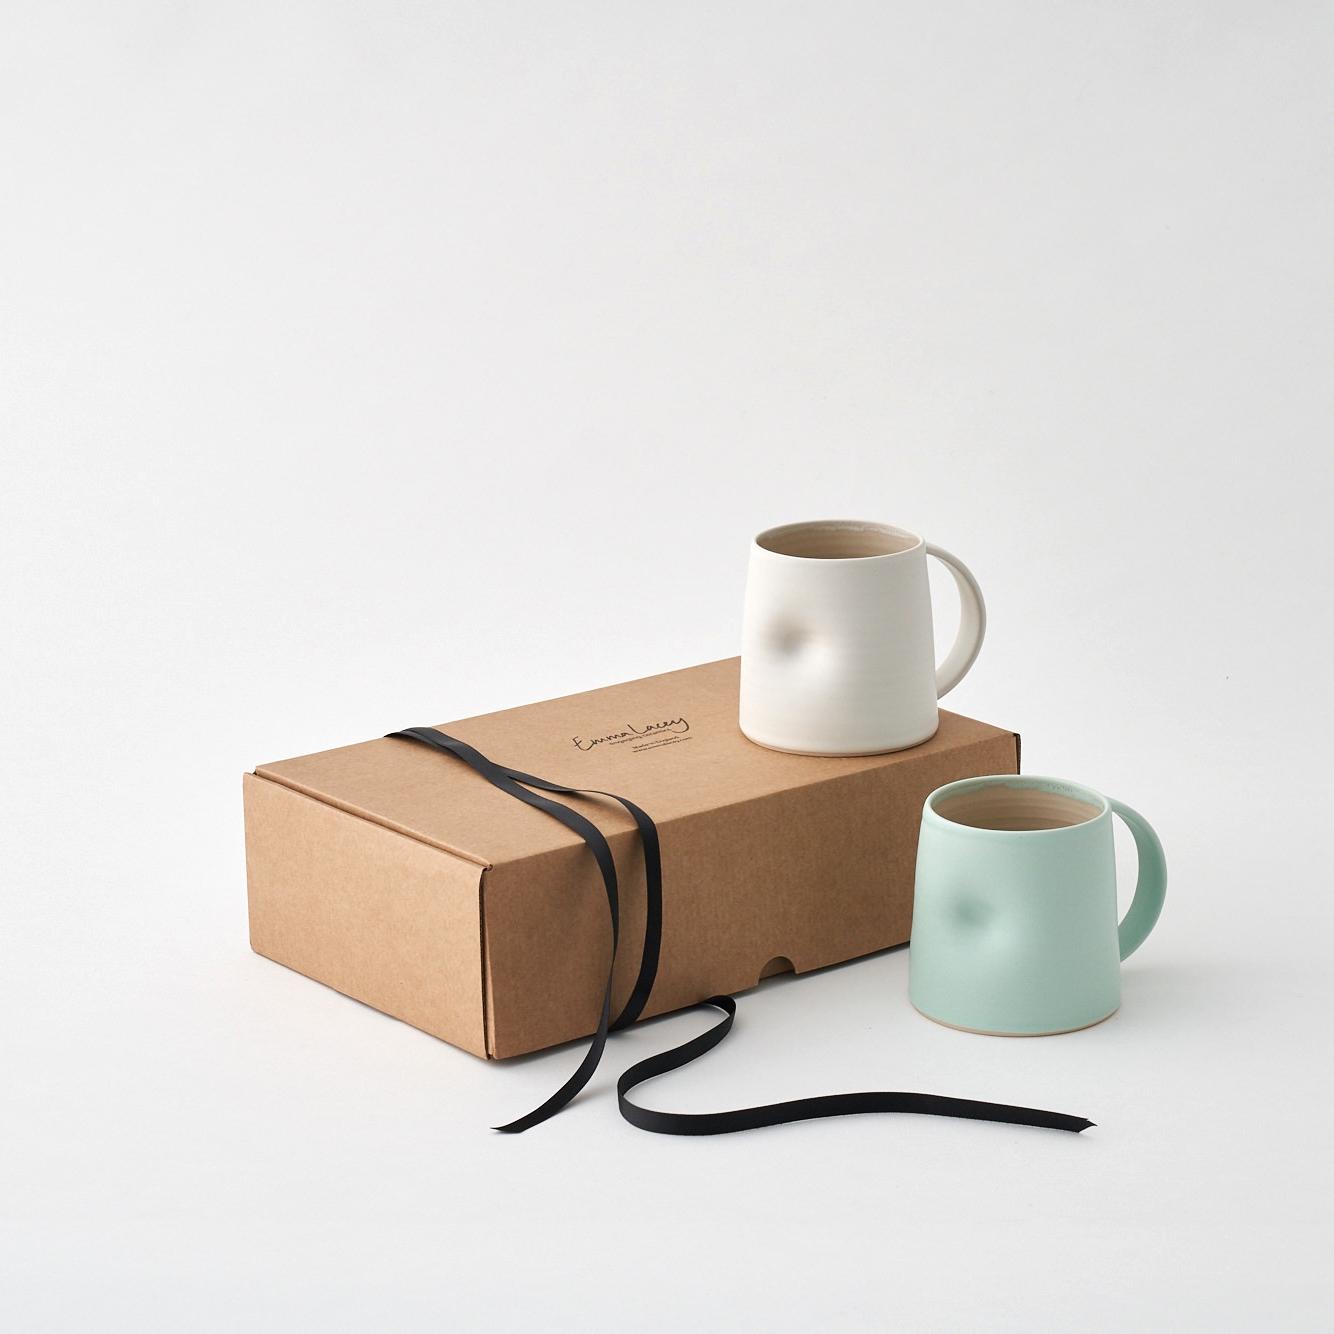 Emma-Lacey-Everyday-Mug-Set-04.jpg